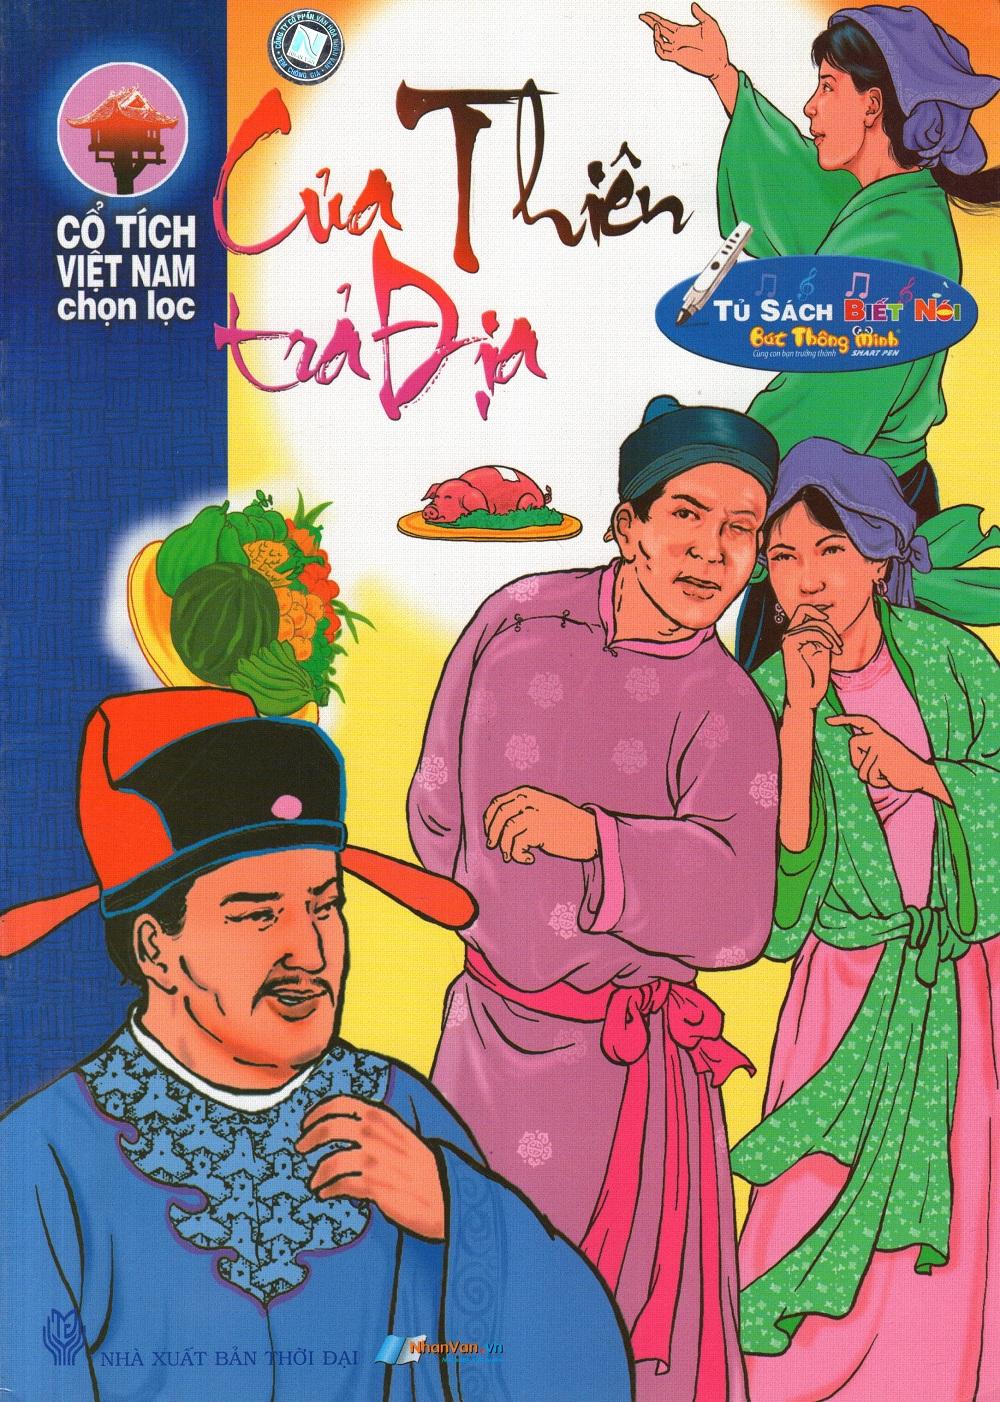 Bìa sách Cổ Tích Việt Nam Chọn Lọc: Của Thiên Trả Địa